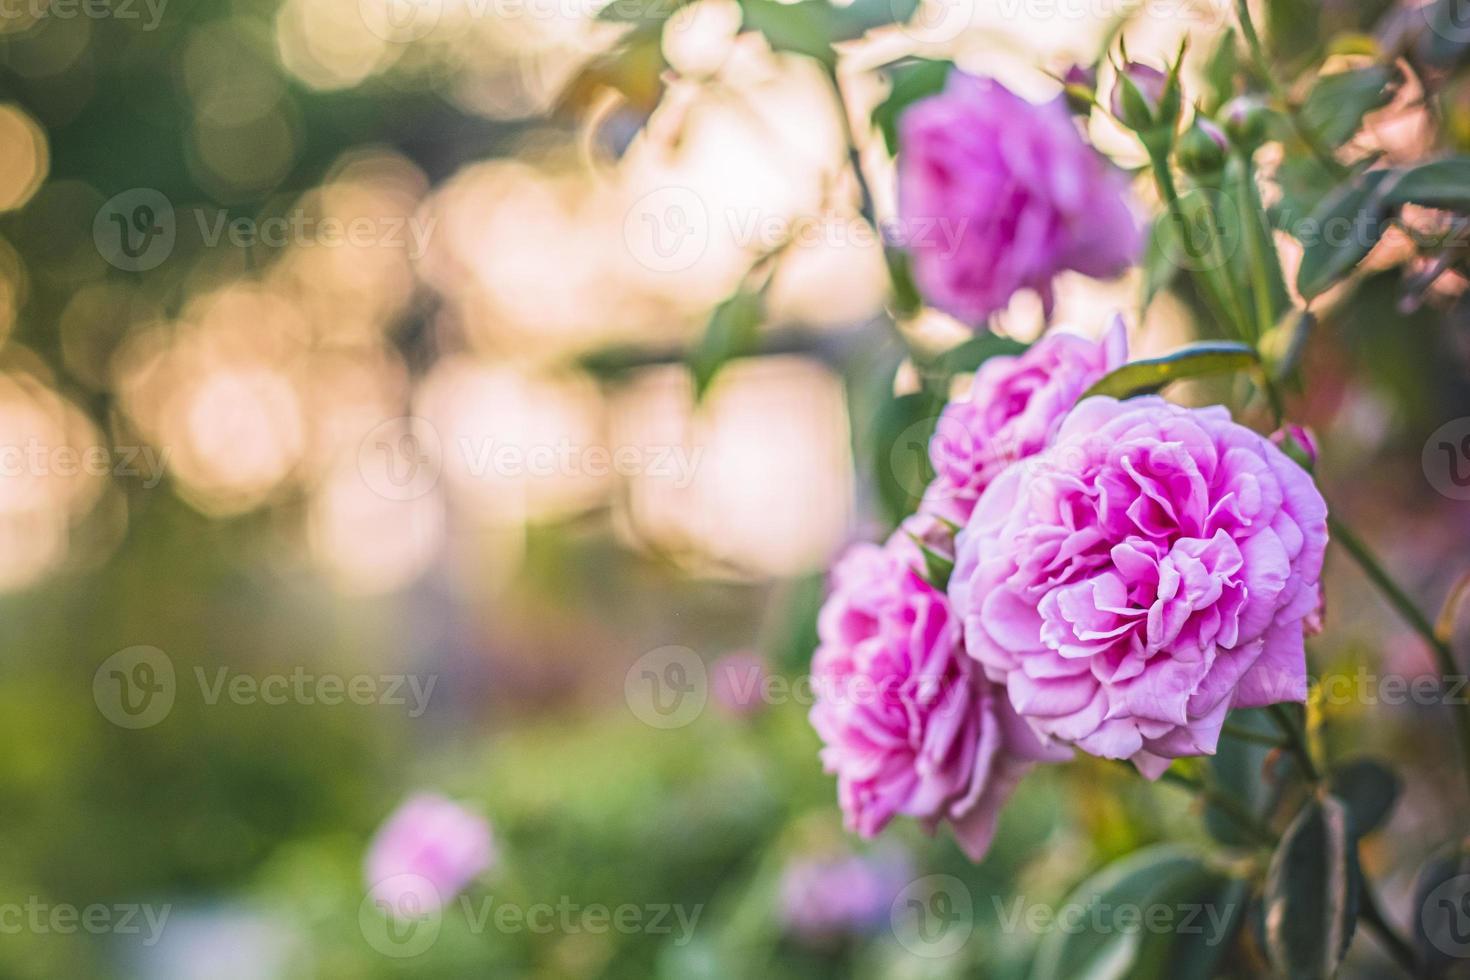 rosa Rosen in einem Garten foto